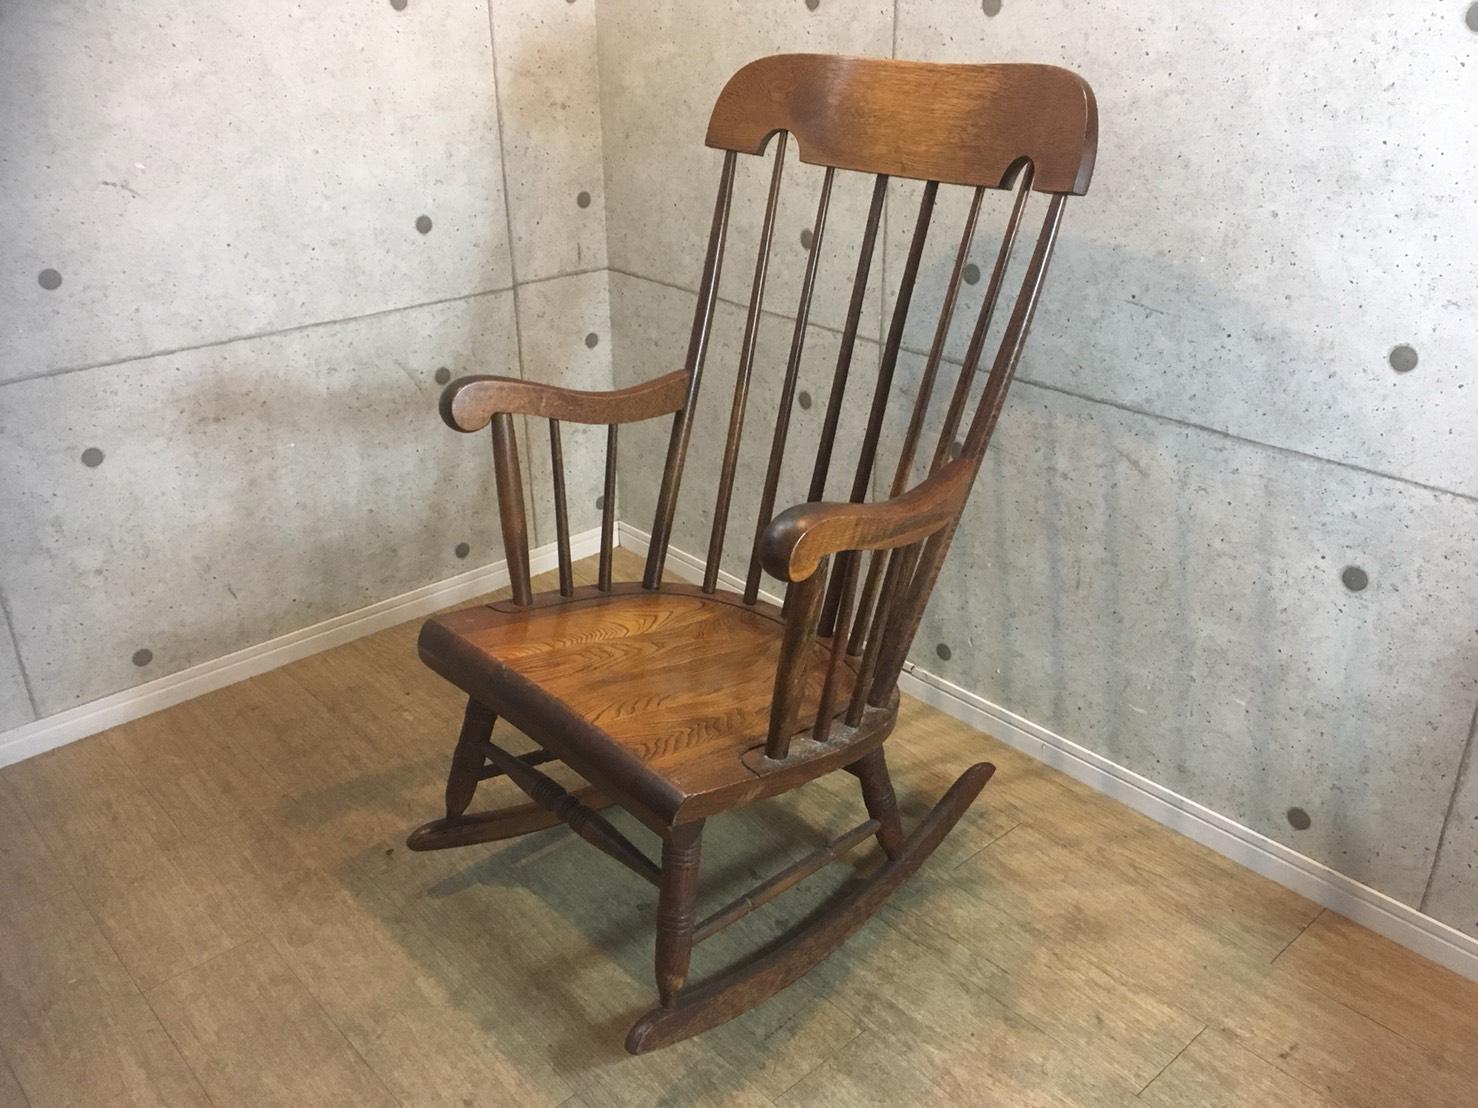 買取できるロイズ・アンティークスの家具とは?相場や条件をチェック